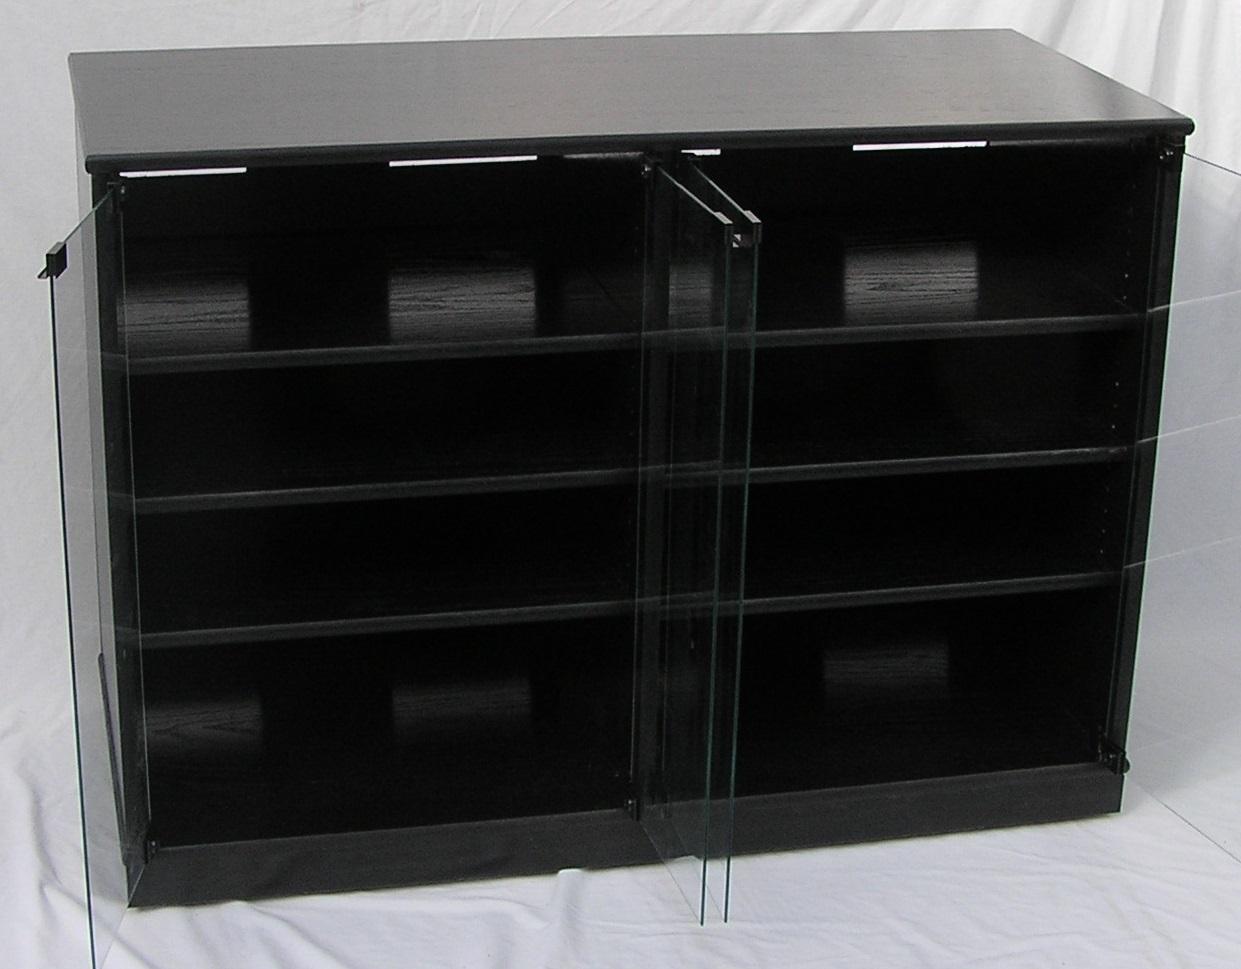 scdw2233-black-w-gray-glass-open.jpg